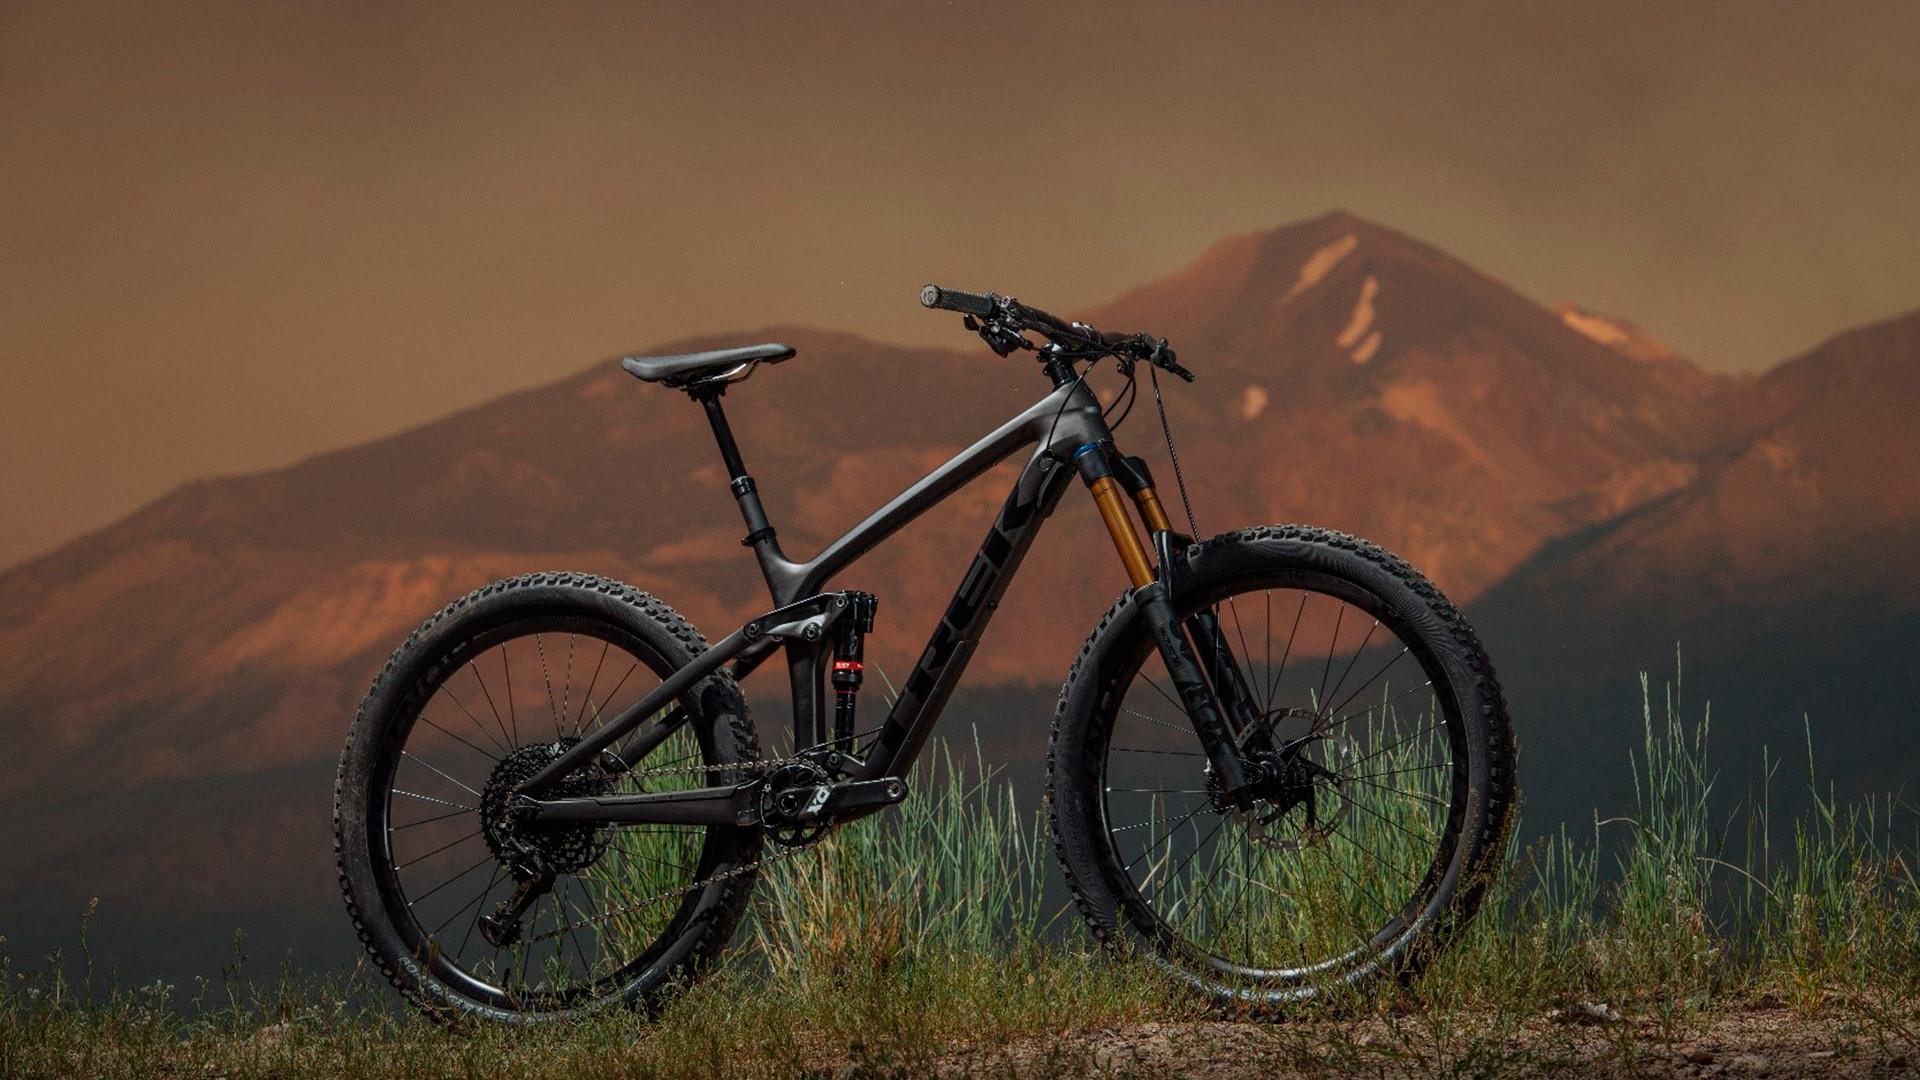 Por que uma bicicleta de montanha é tão cara? - Revista ...